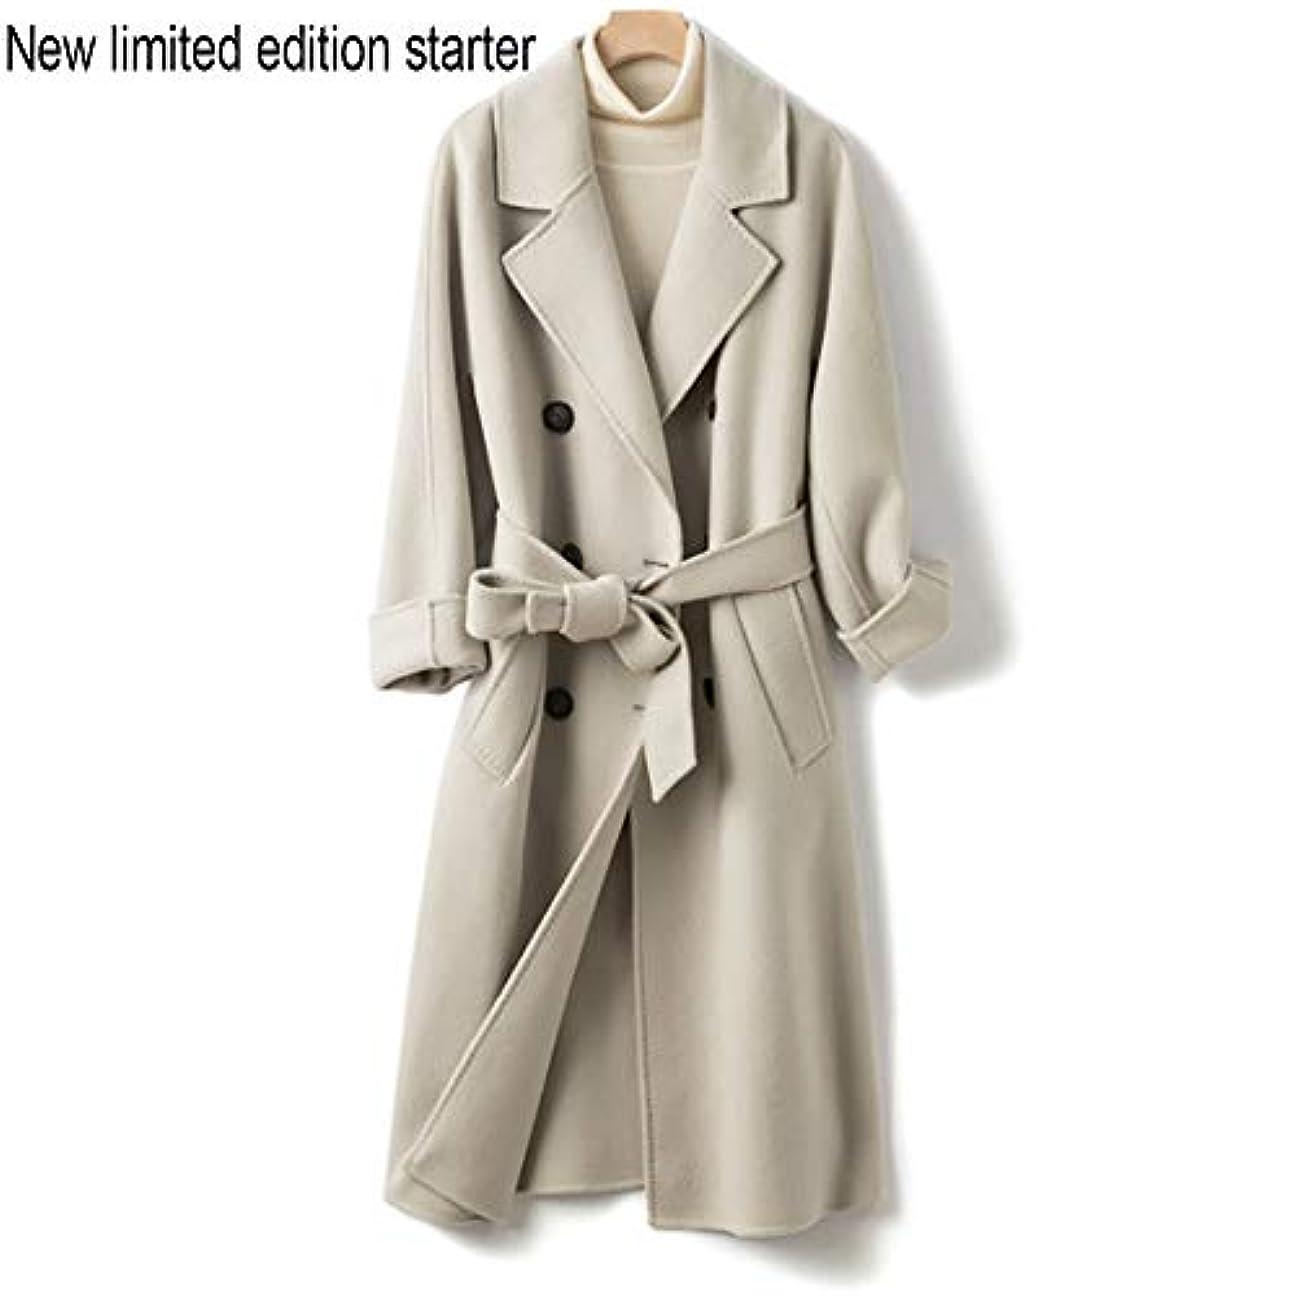 中傷解決ラダウールコート、両面コート、ロングウールコート、秋と冬新しい婦人服女性のうれしそうな冬のジャケットコート